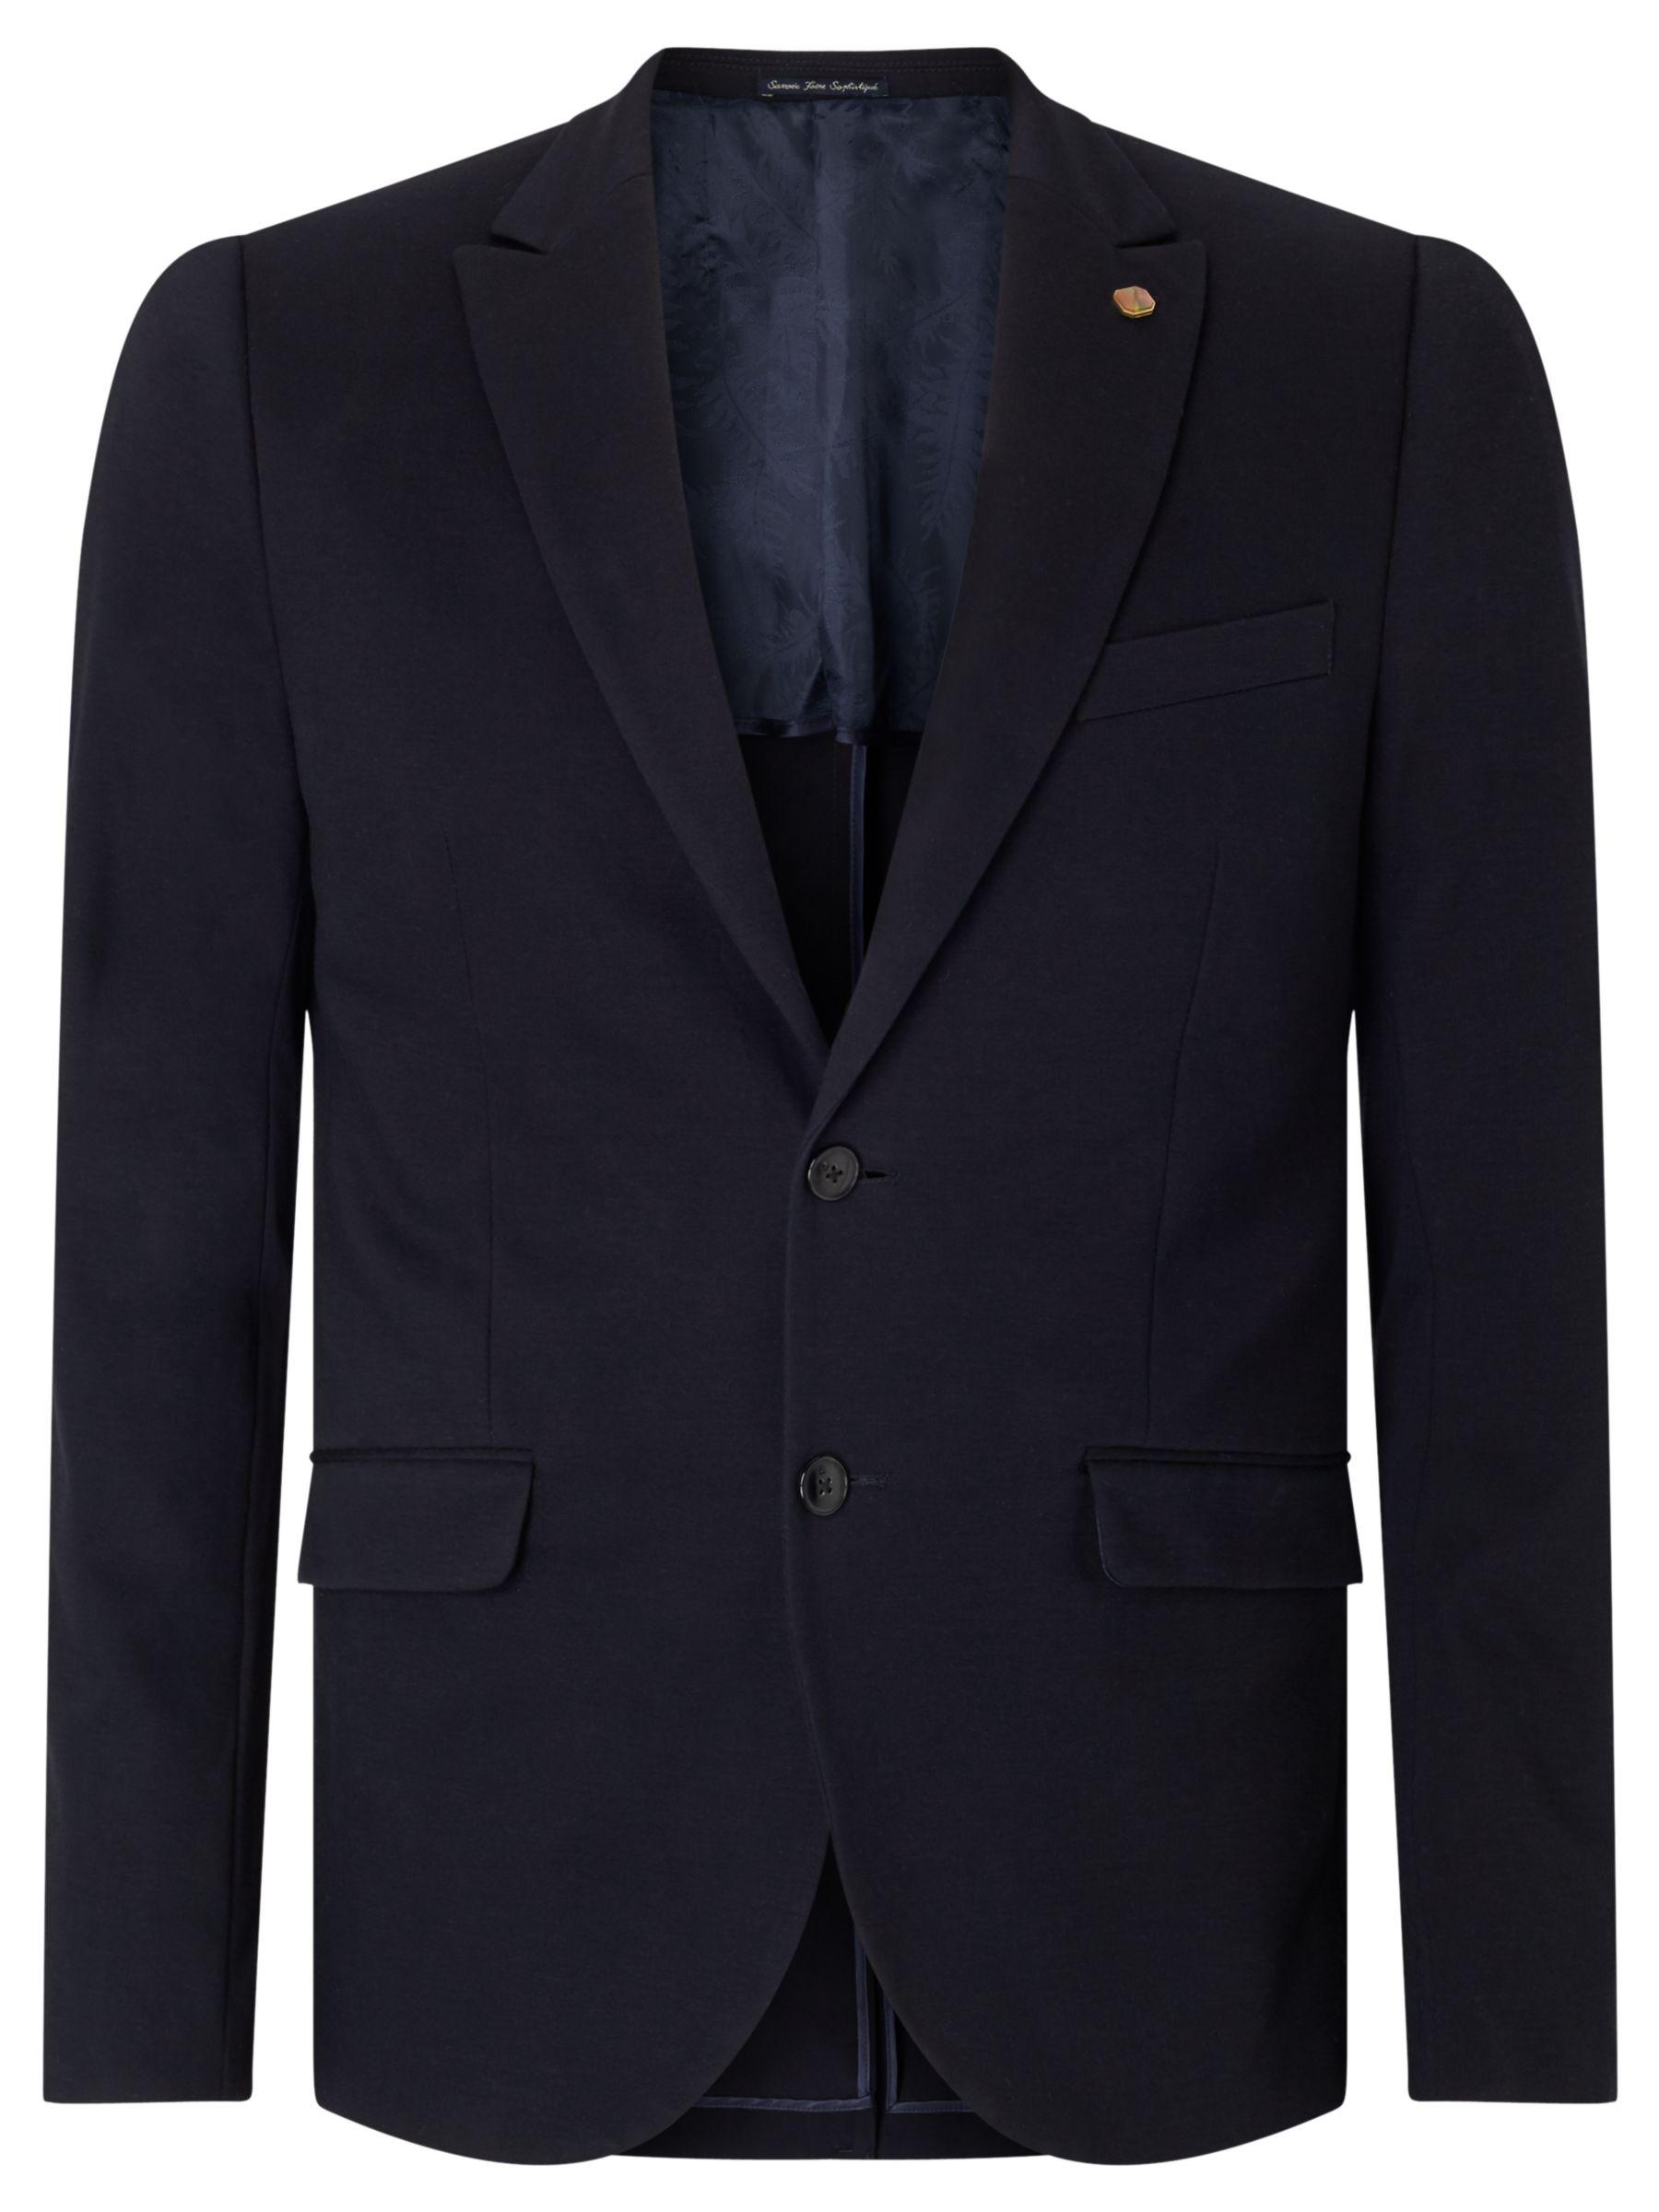 Scotch & Soda Scotch & Soda Jersey Blazer, Night Blue